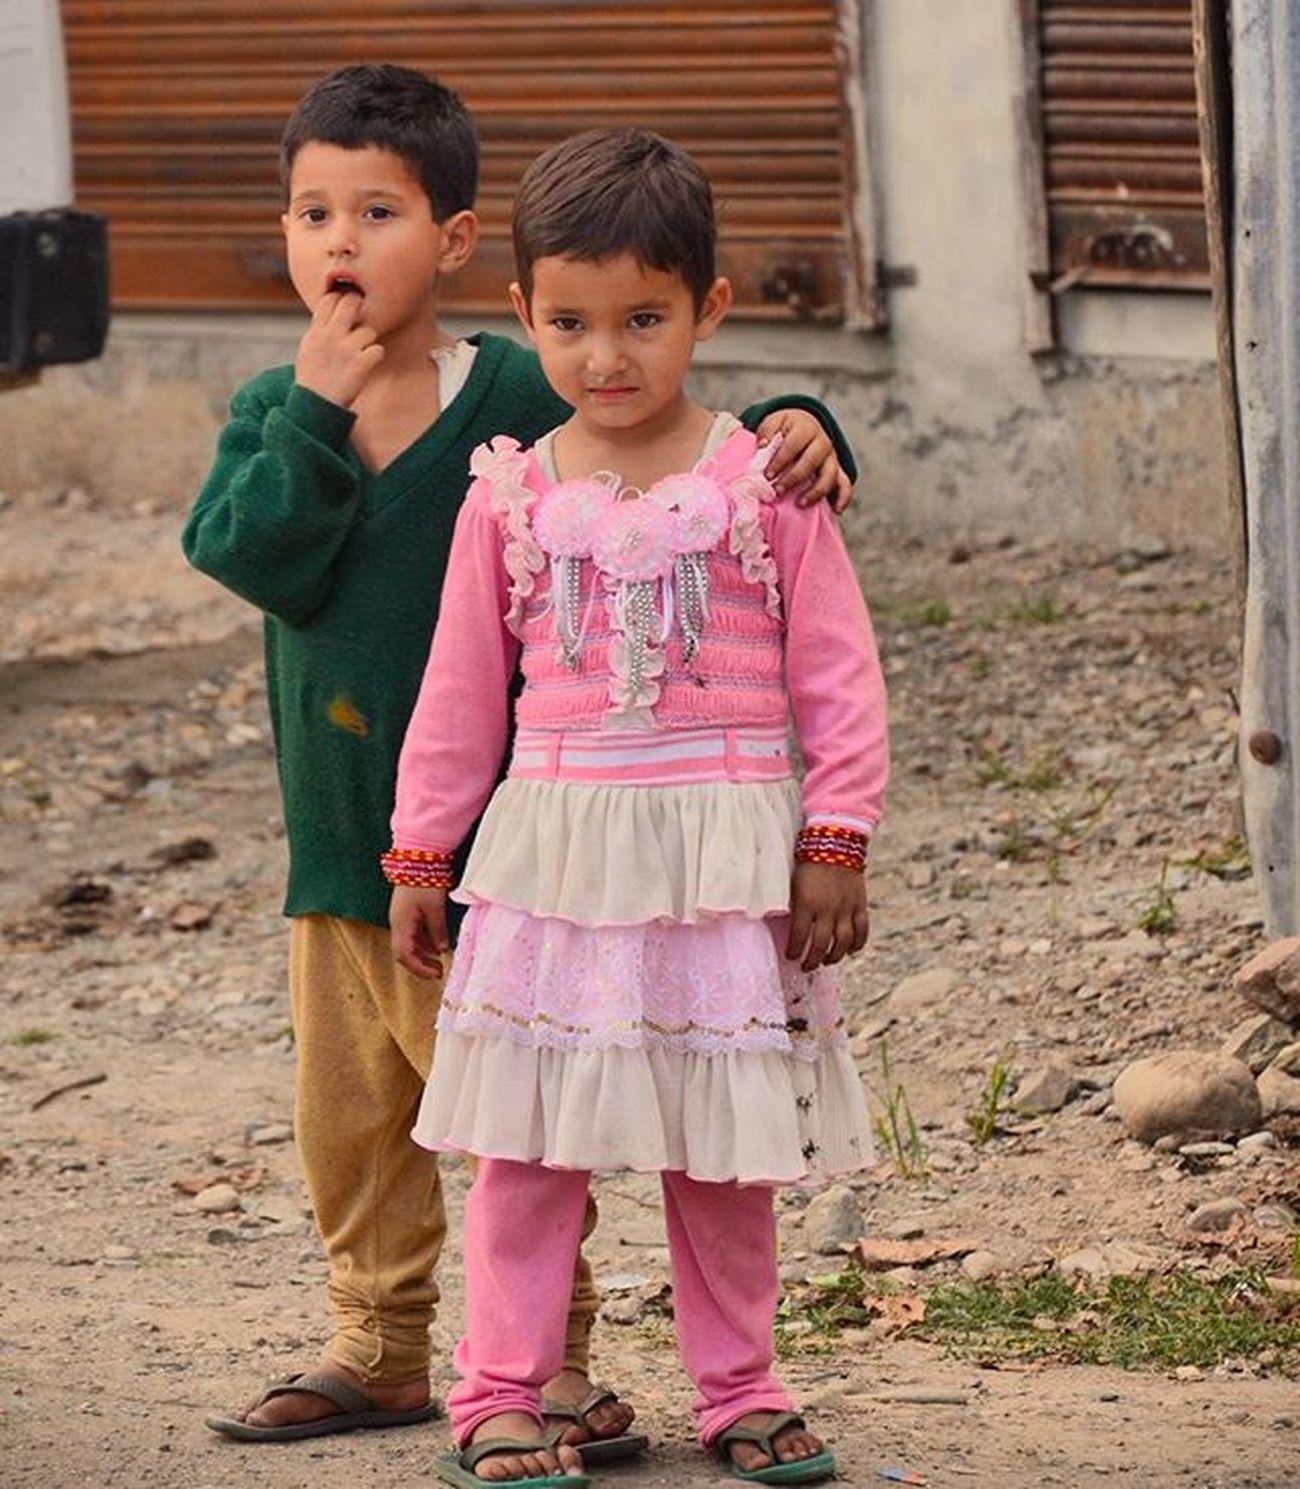 ChildrenOfKashmir IN THE StreetsOfKashmir KashmirIsPakistan HumansOfKashmir Handwara Kupwara IExplorePakistan IExploreKashmir Photooftheday Etribune Dawndotcom TPSTamron Travelbeautifulpakistan ._soi Pakistan Passionpassport Dailylifekashmir Kpc Nikon Everydaykashmir Indiapictures Wanderlust Wanderer Travel Ig_captures revoshotsphotography Revoshots Rebel Revo Freedom @dawn_dot_com @etribune @shutterpakistan